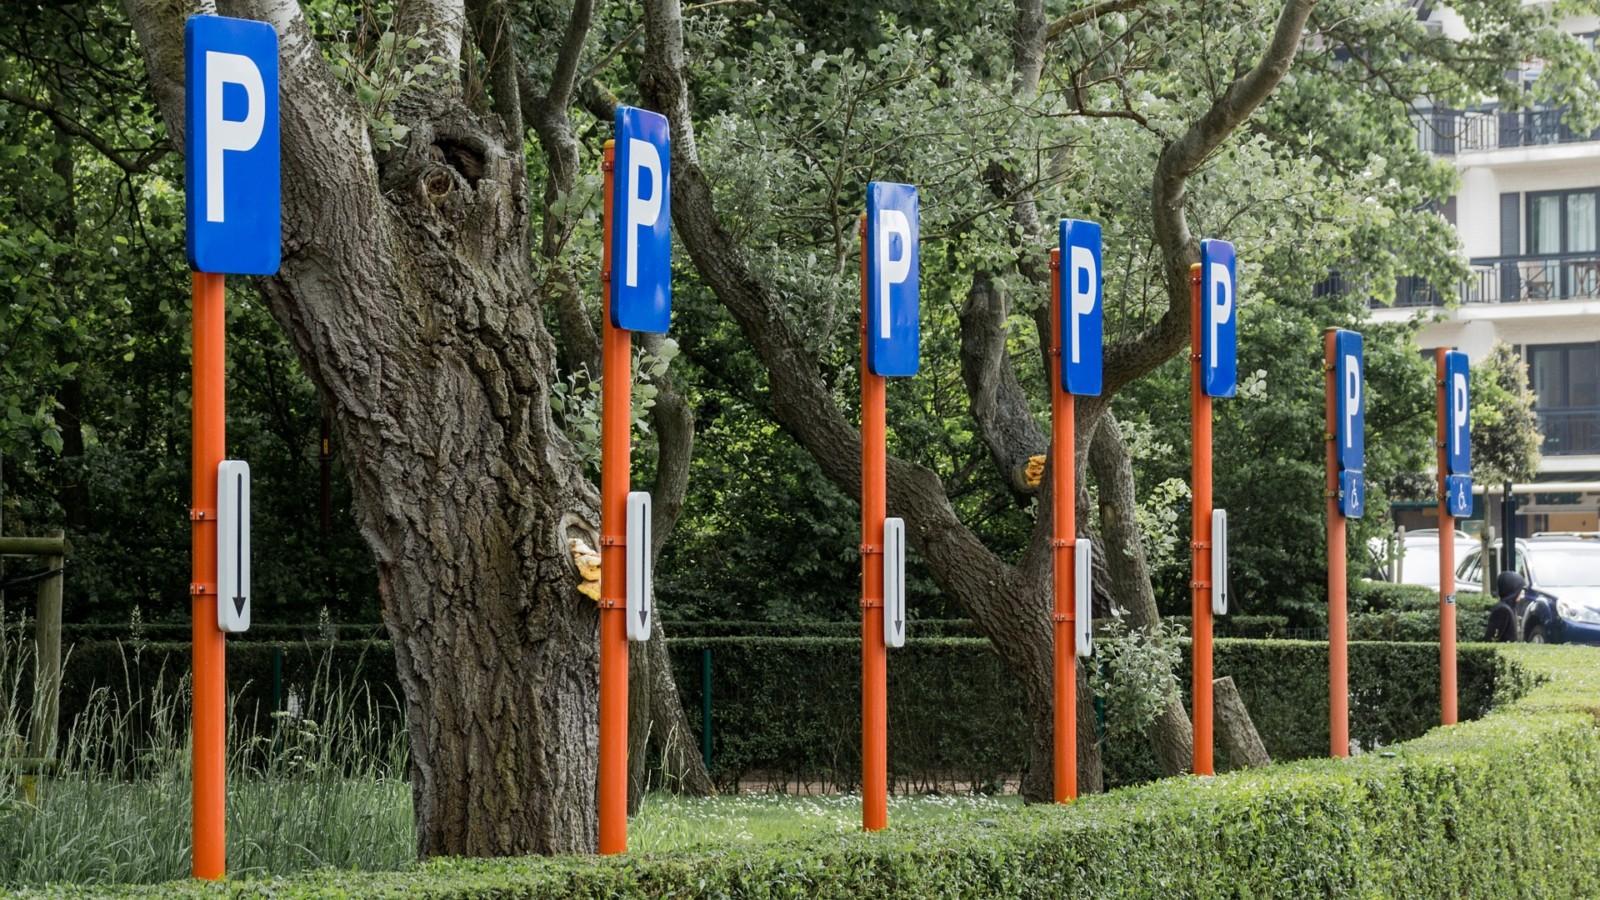 Beschilderung Parkplätze